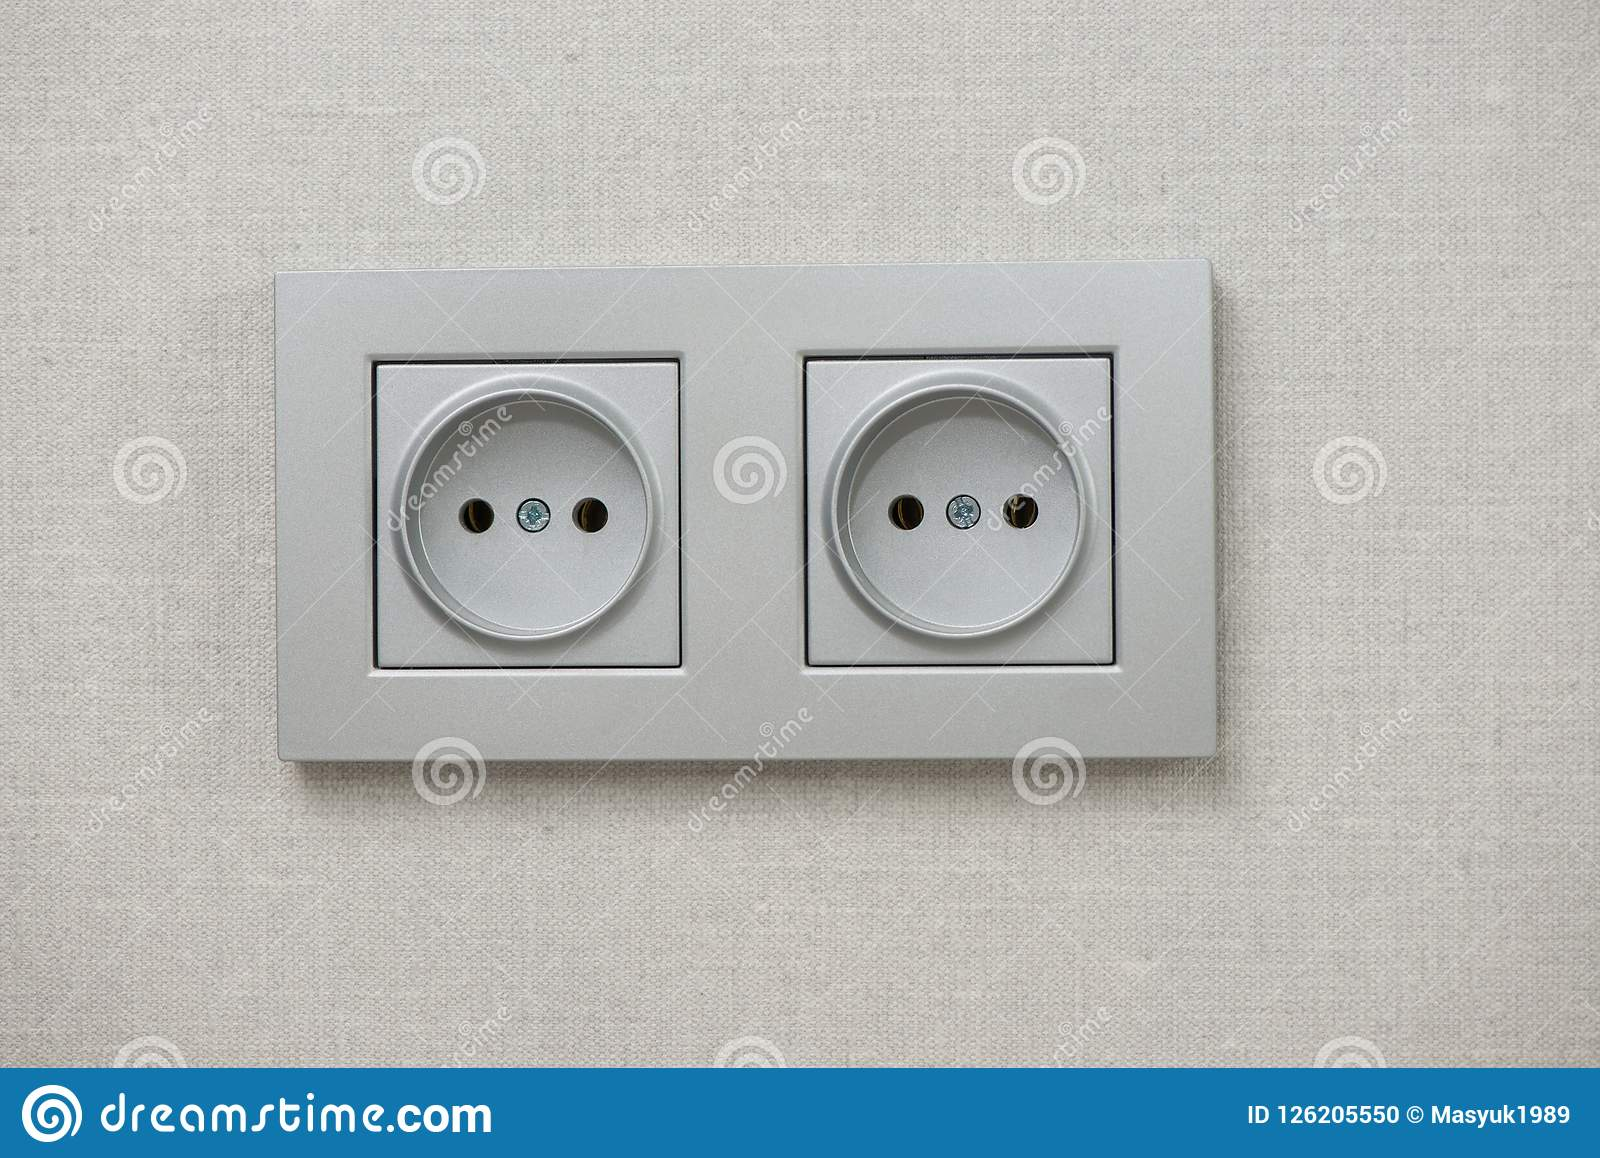 Commutez électrique Gril électrique commutateur en gros plan plan rapproché électrique